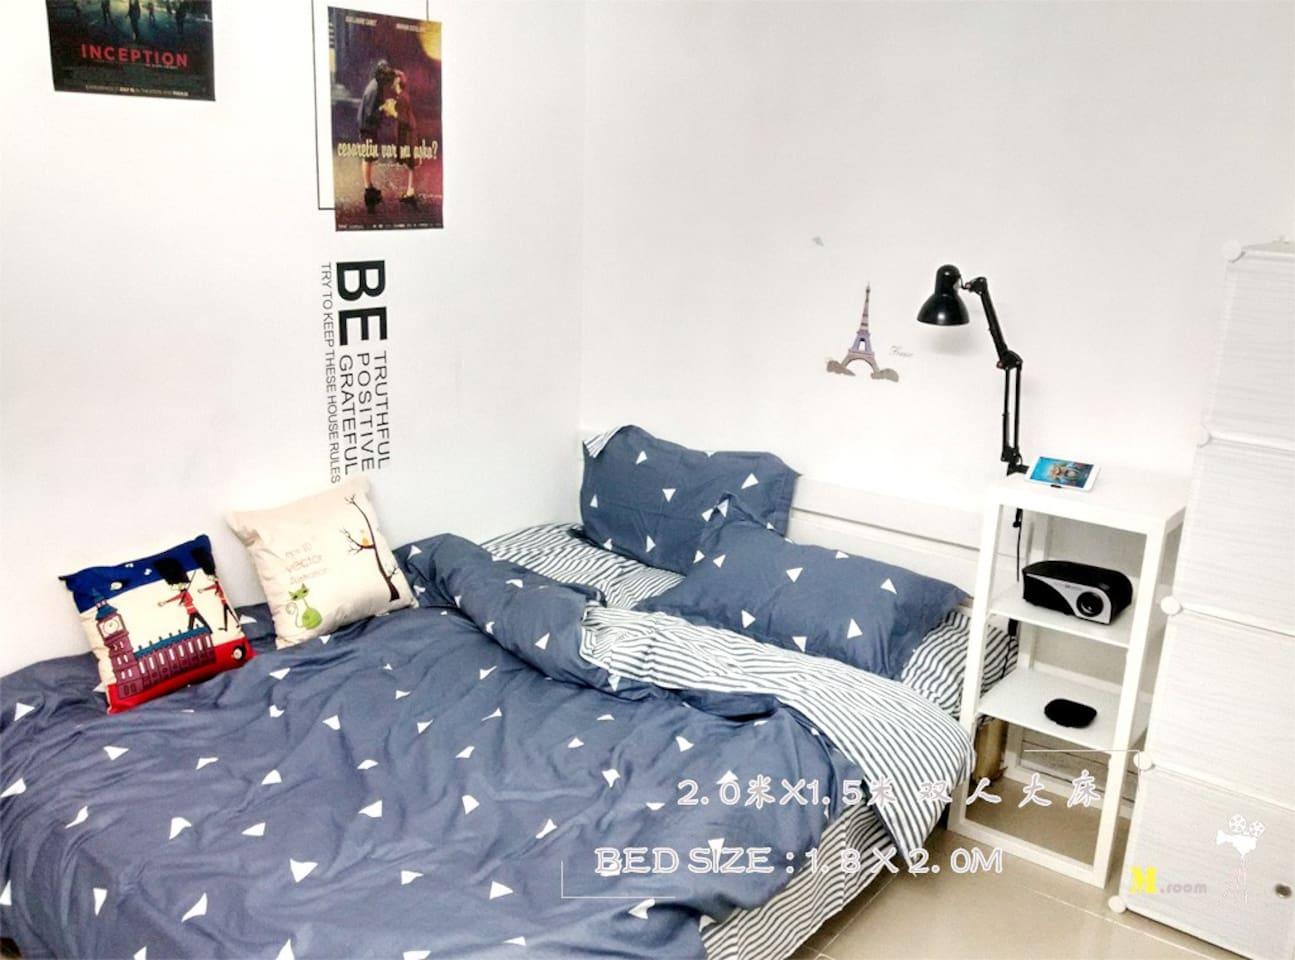 房间配有小米电视盒子和投影机方便看电影电视